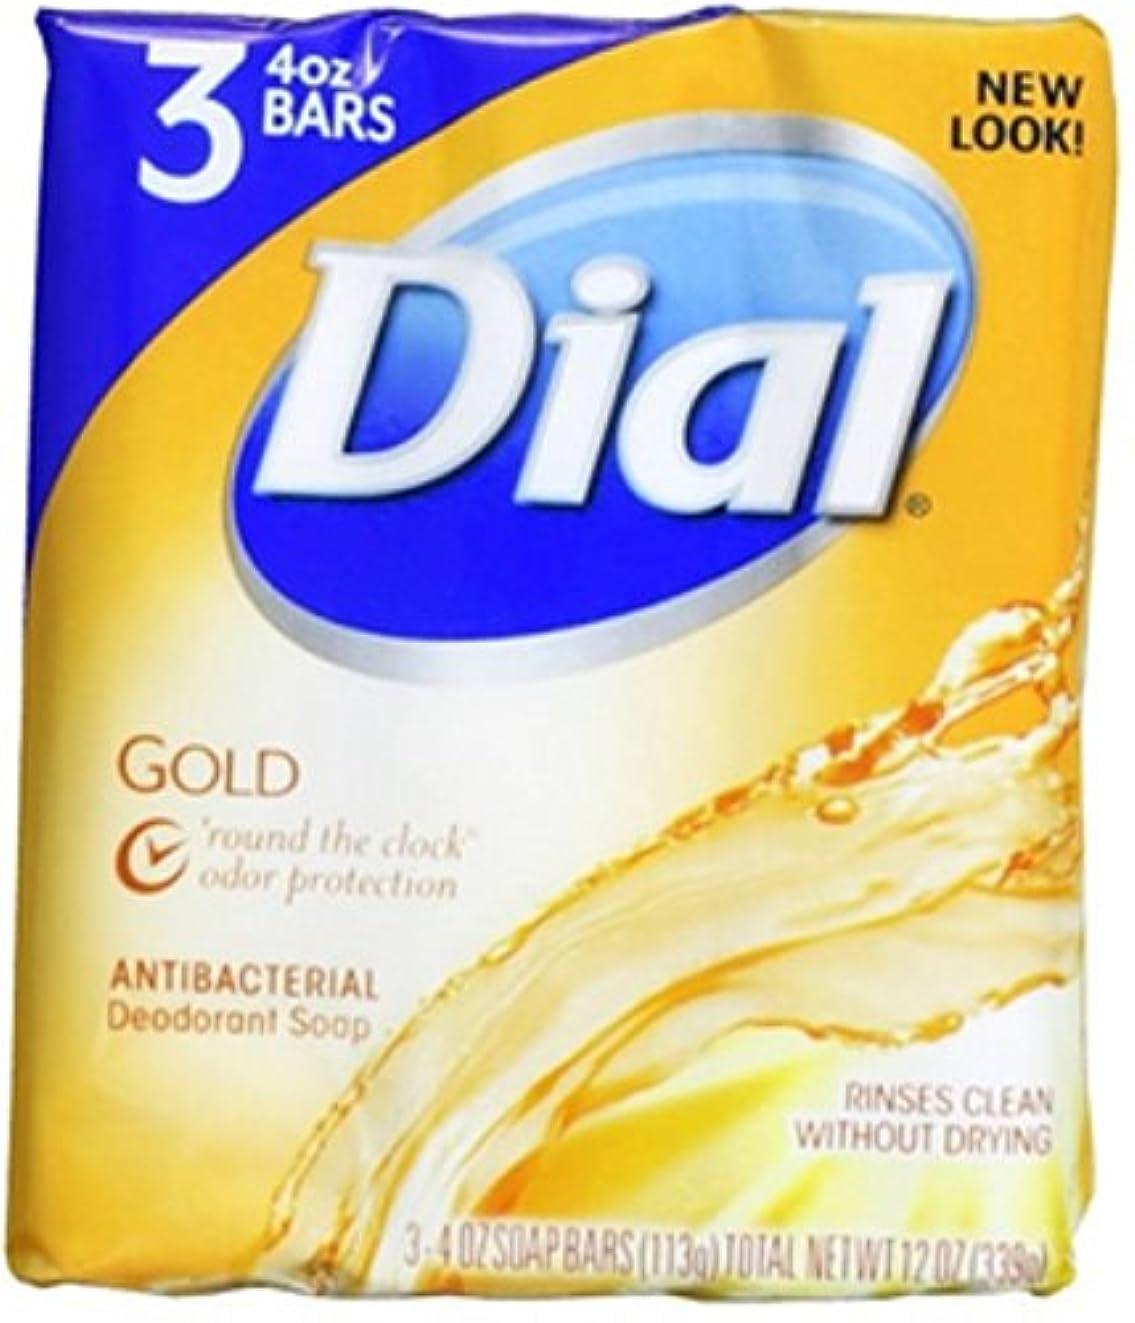 フレキシブル草他のバンドでDial 抗菌消臭石鹸バー、ゴールド、4つのオズバー、3 Eaは(6パック)